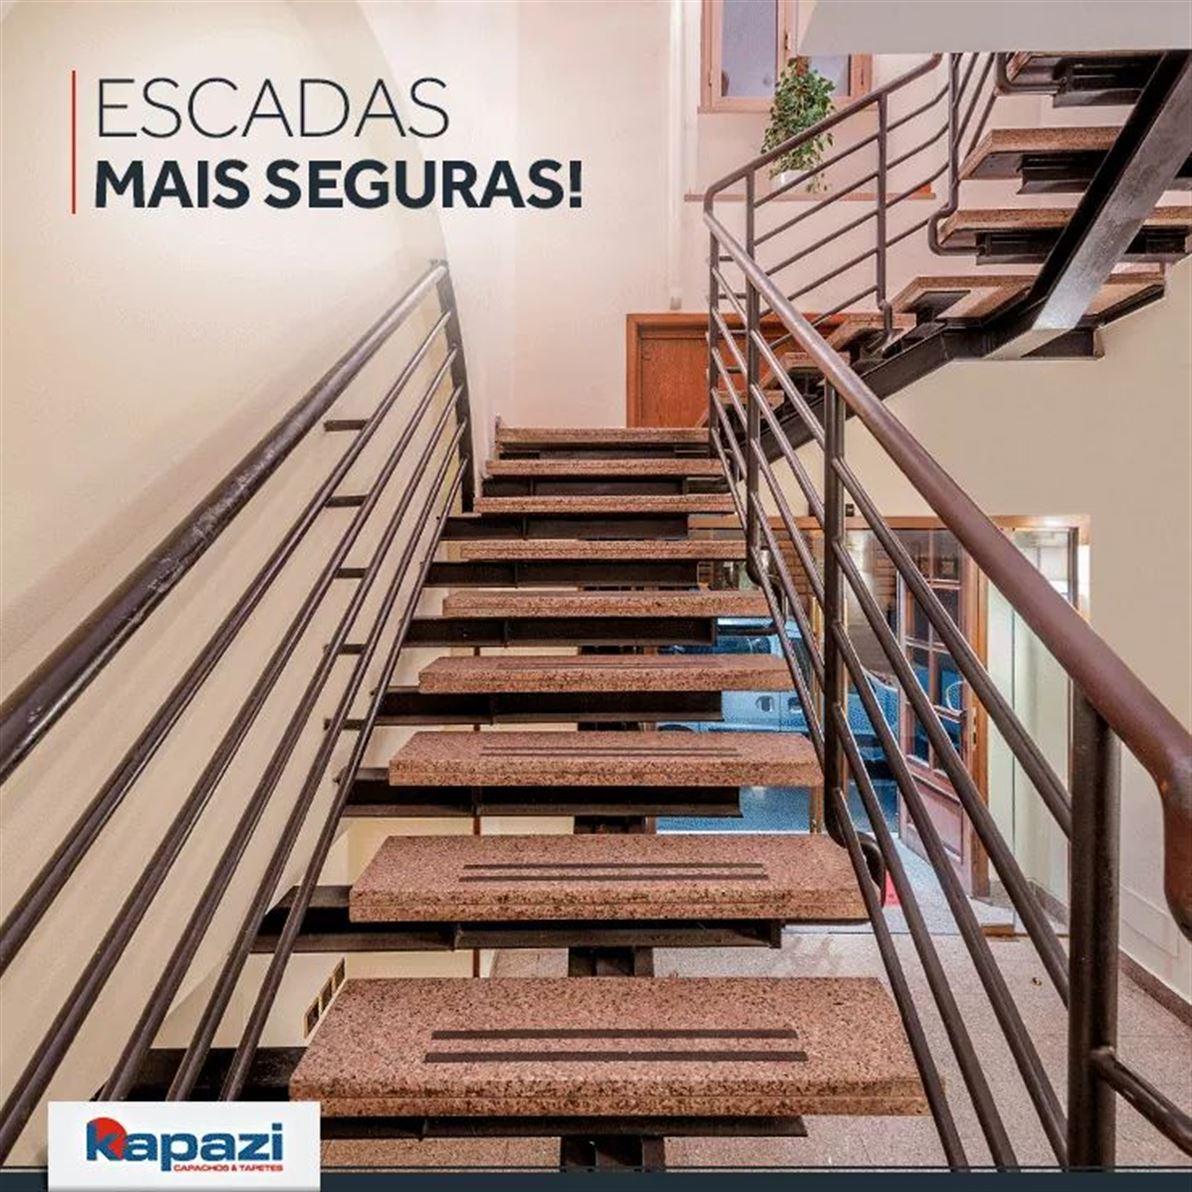 Fita Antiderrapante Adesiva - Ideal para uso em escadas e pisos escorregadios